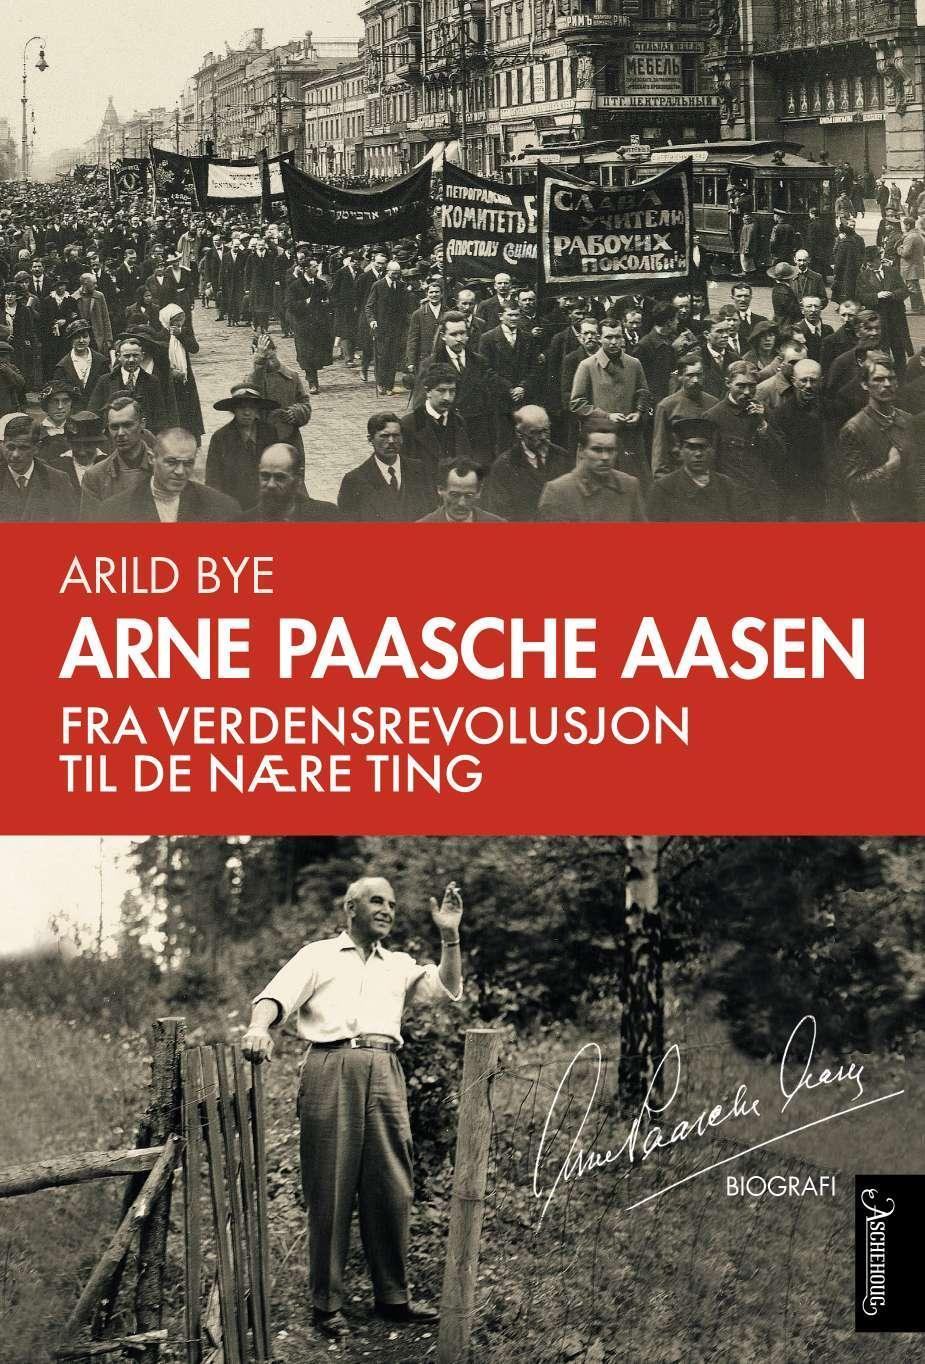 Arild Bye: Arne Paasche Aasen - Fra verdensrevolusjon til de nære ting